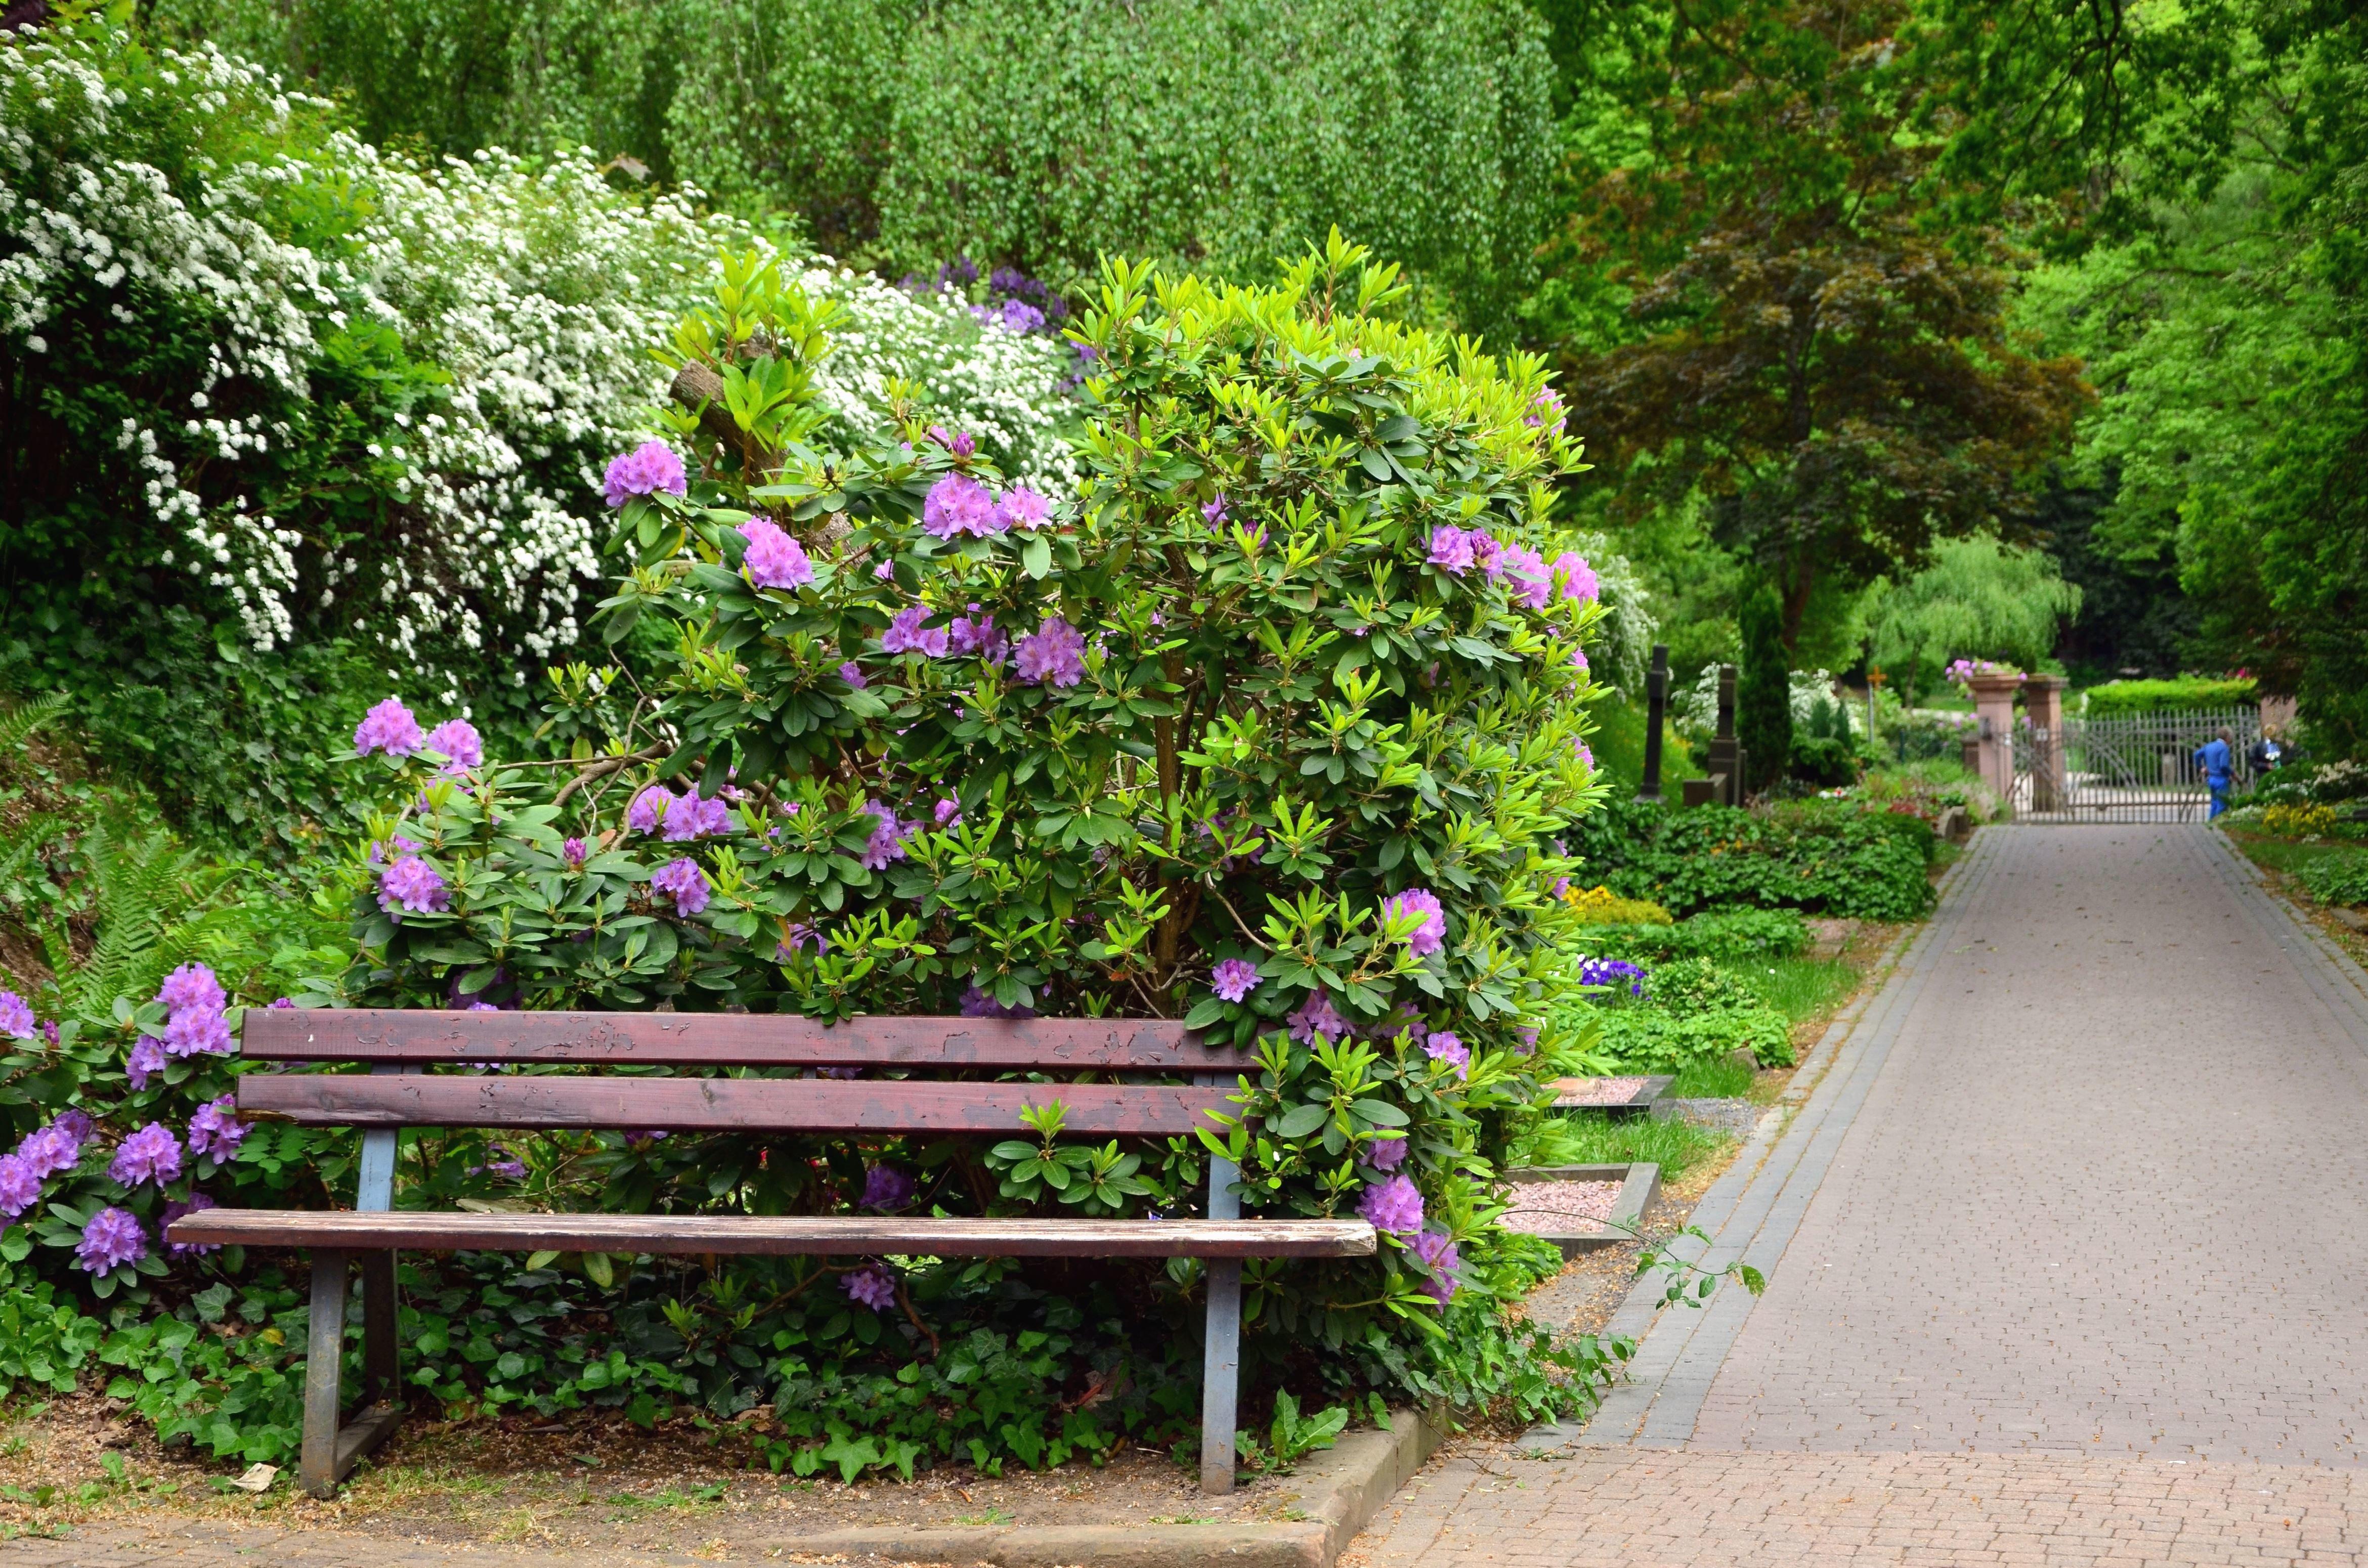 Albero Di Lillà foto gratis: panchina, lilla, arbusto, albero, fiore, parco